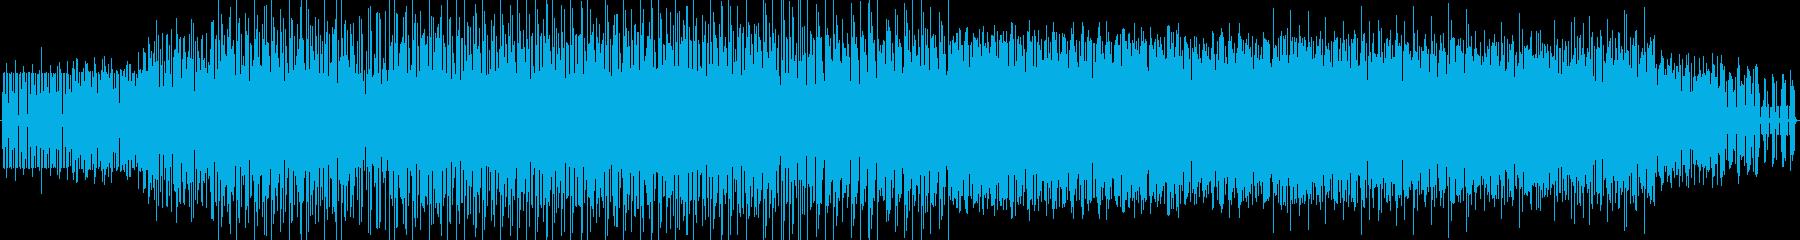 長めの追跡シーンのためのテクノ の再生済みの波形